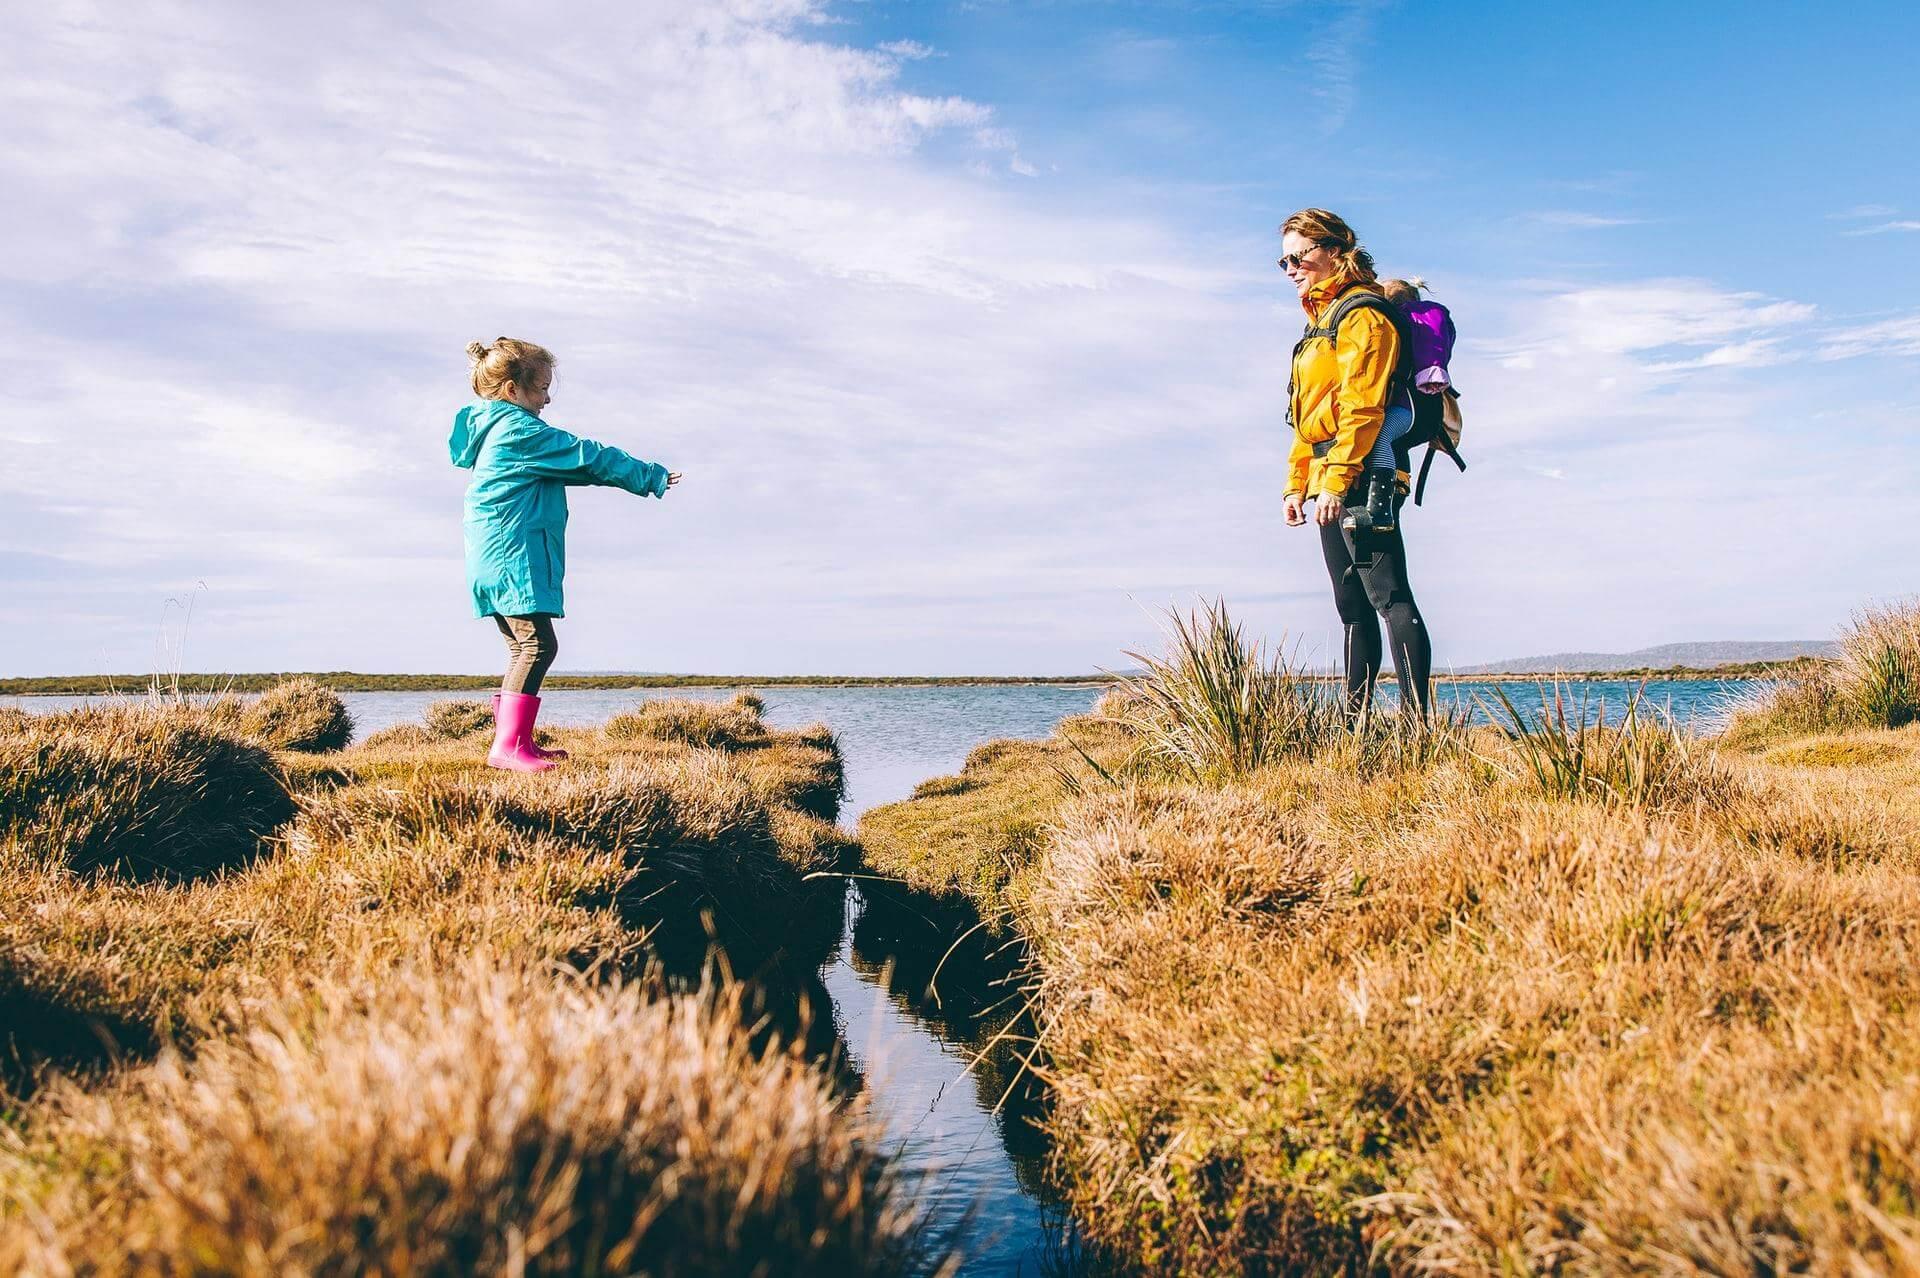 5 σκέψεις για την ατομική ευθύνη… της μαμάς!